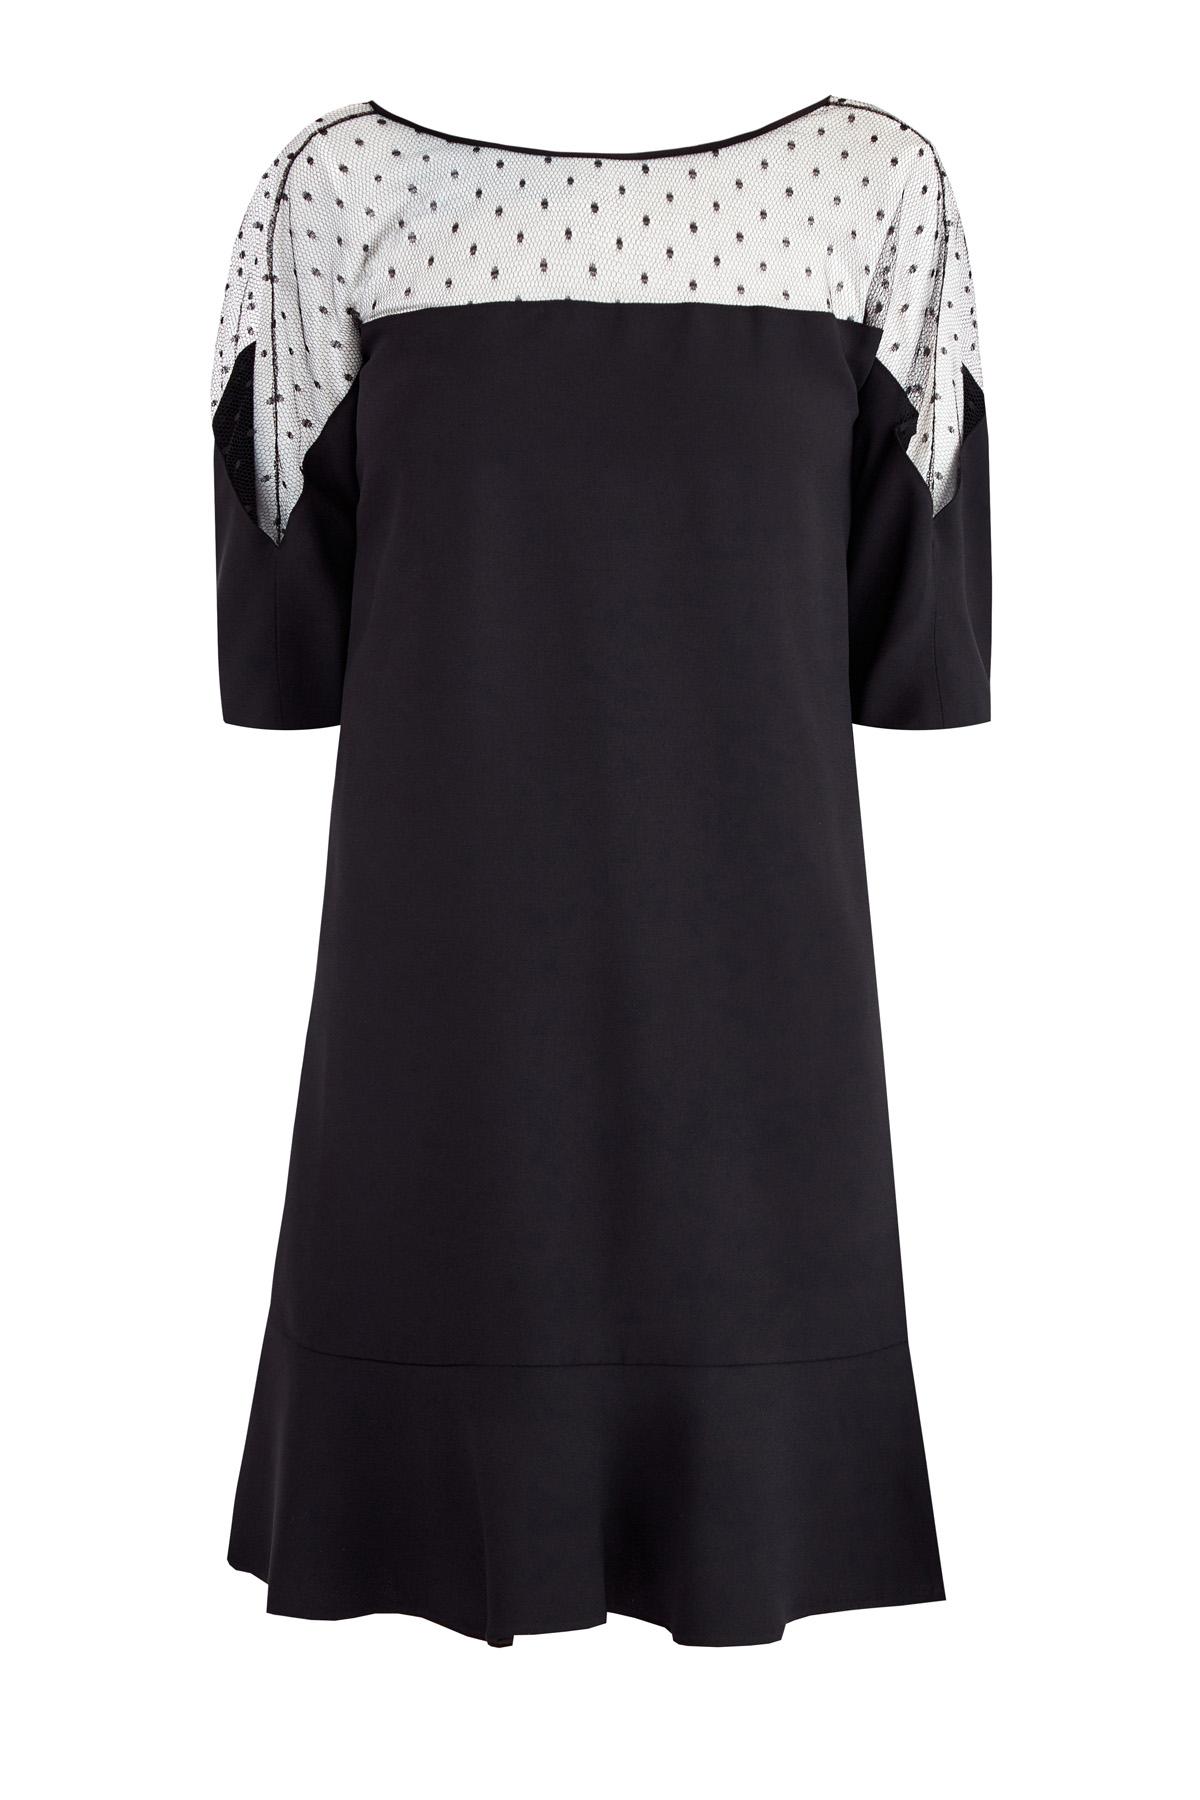 Платье с вуалевым лифом Пуэн-деспри и декольтированной спинкой